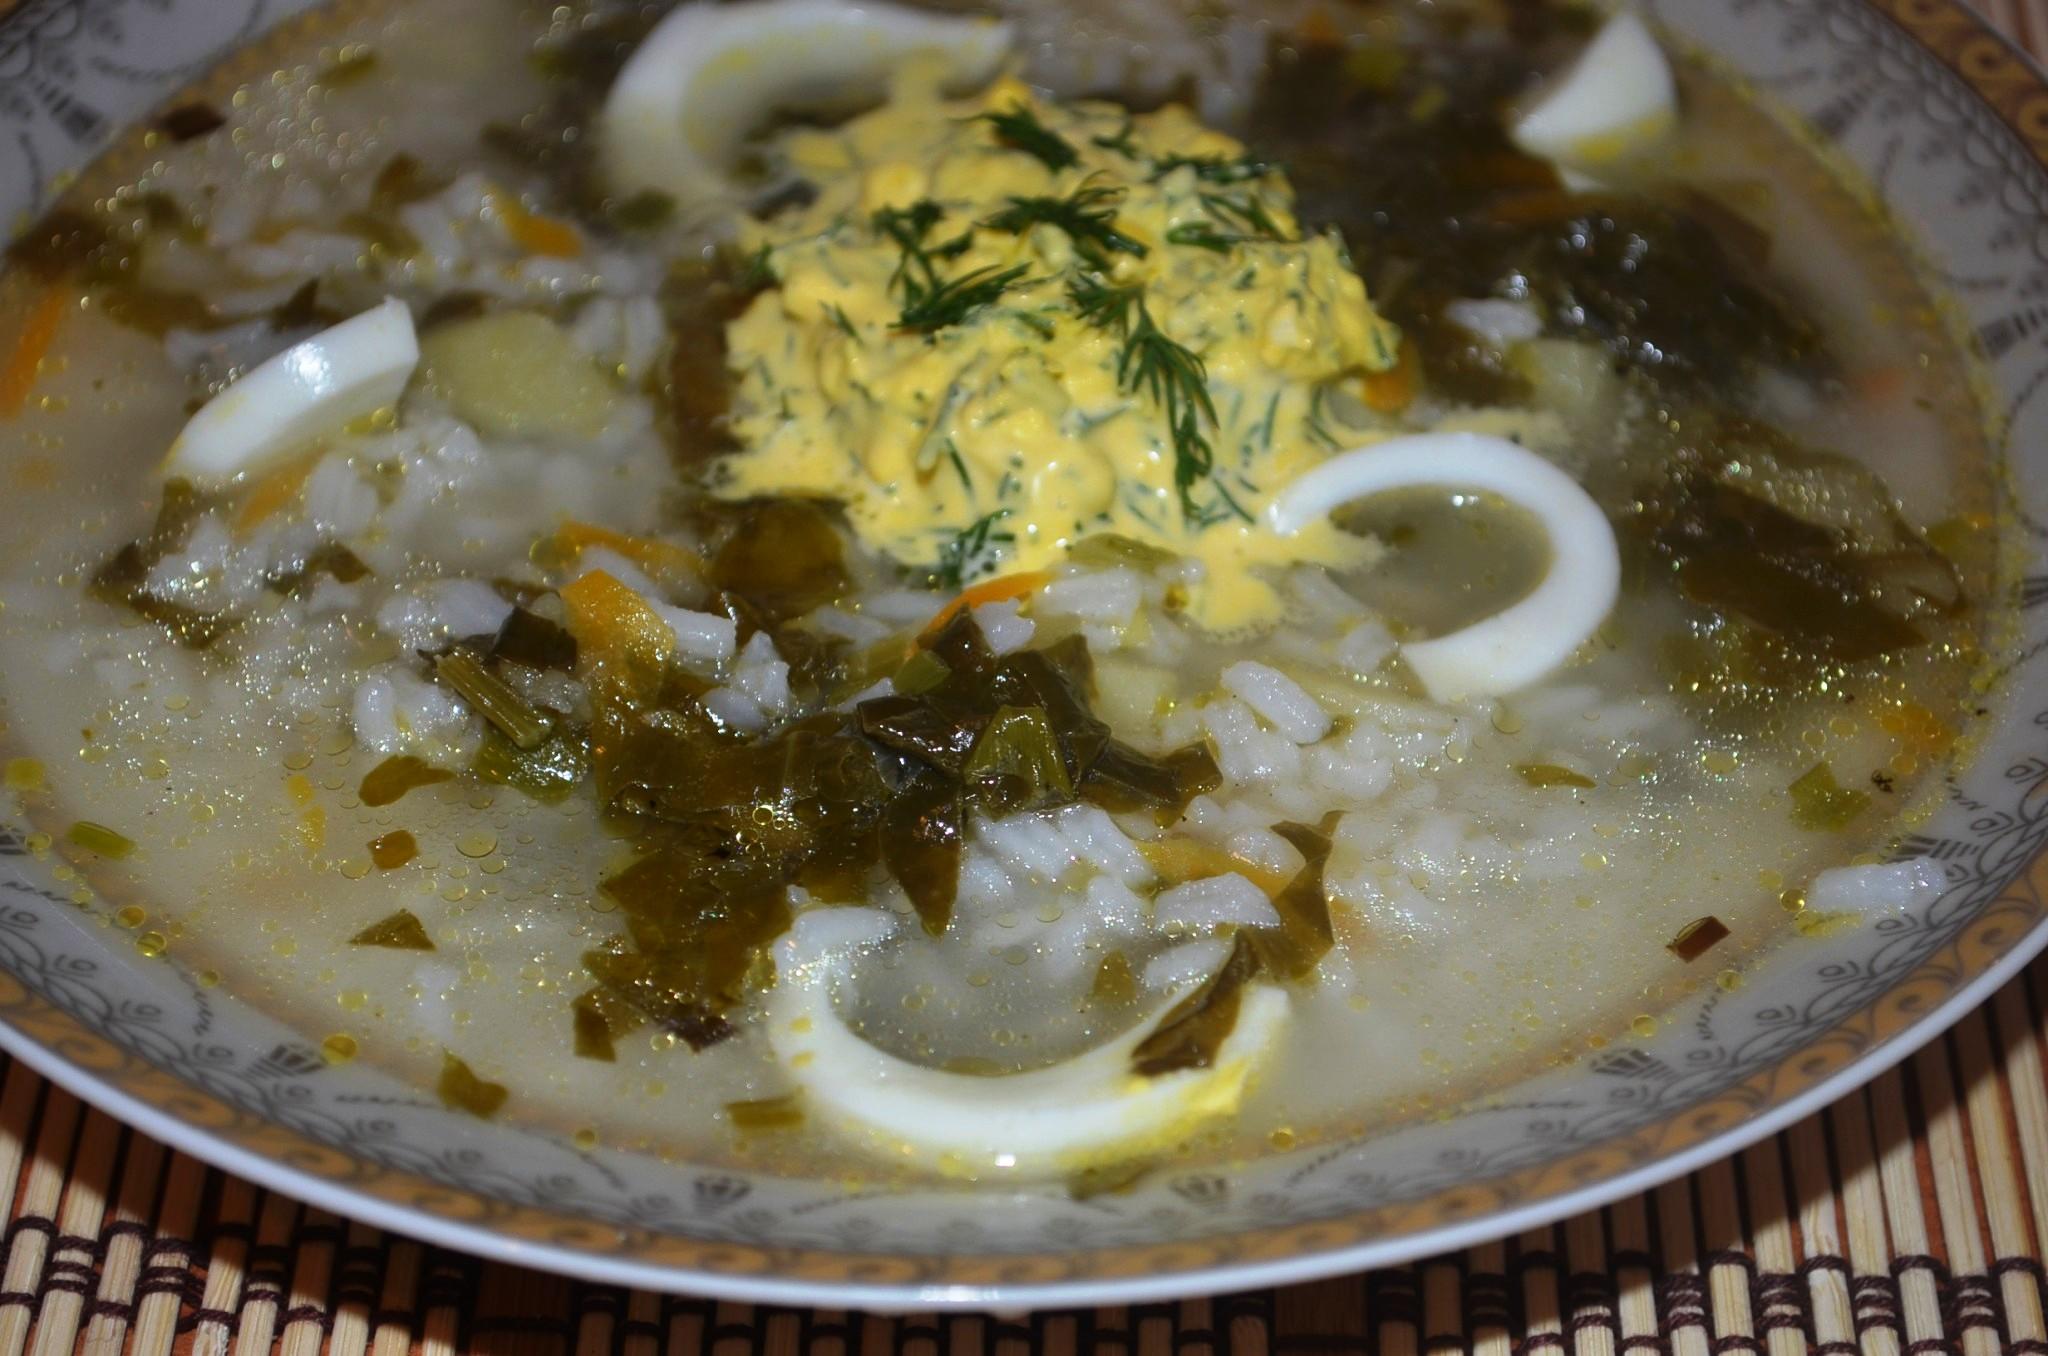 Проверенный рецепт приготовления супа с яйцом, шаг за шагом с фотографиями 80